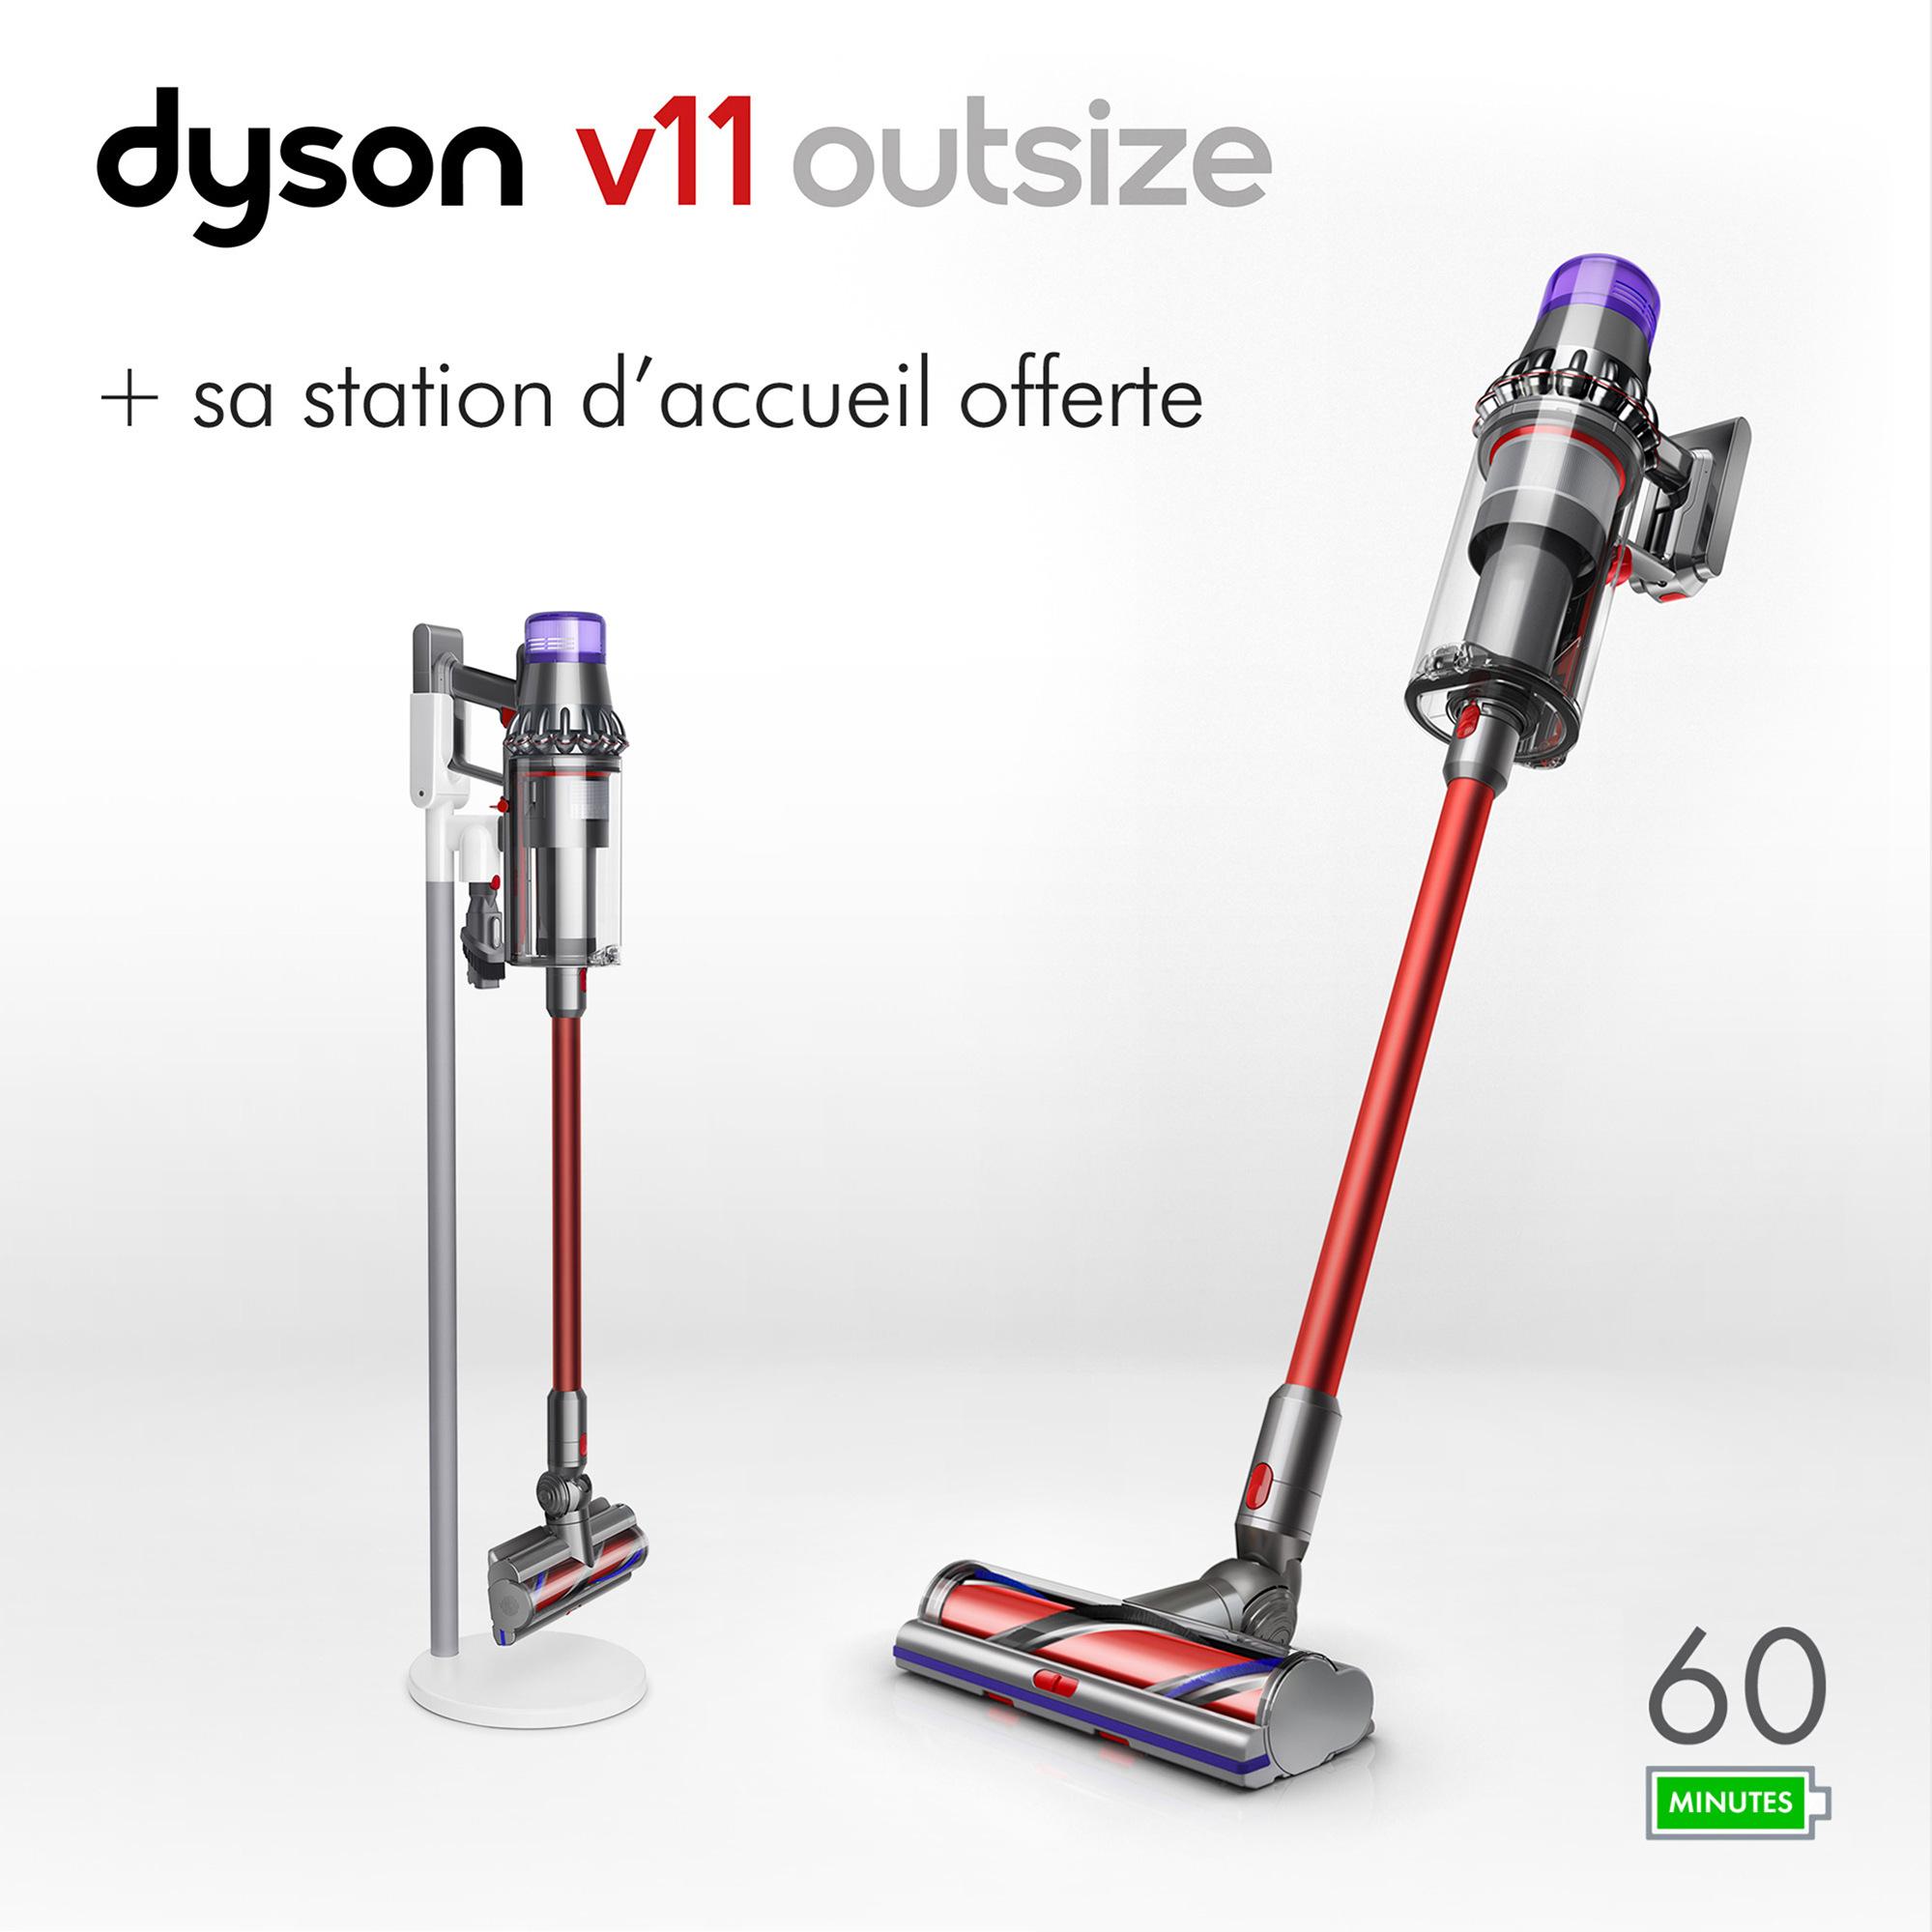 Sélection d'aspirateurs sans fil Dyson en promotion - Ex: Dyson V11 Outside + station d'accueil